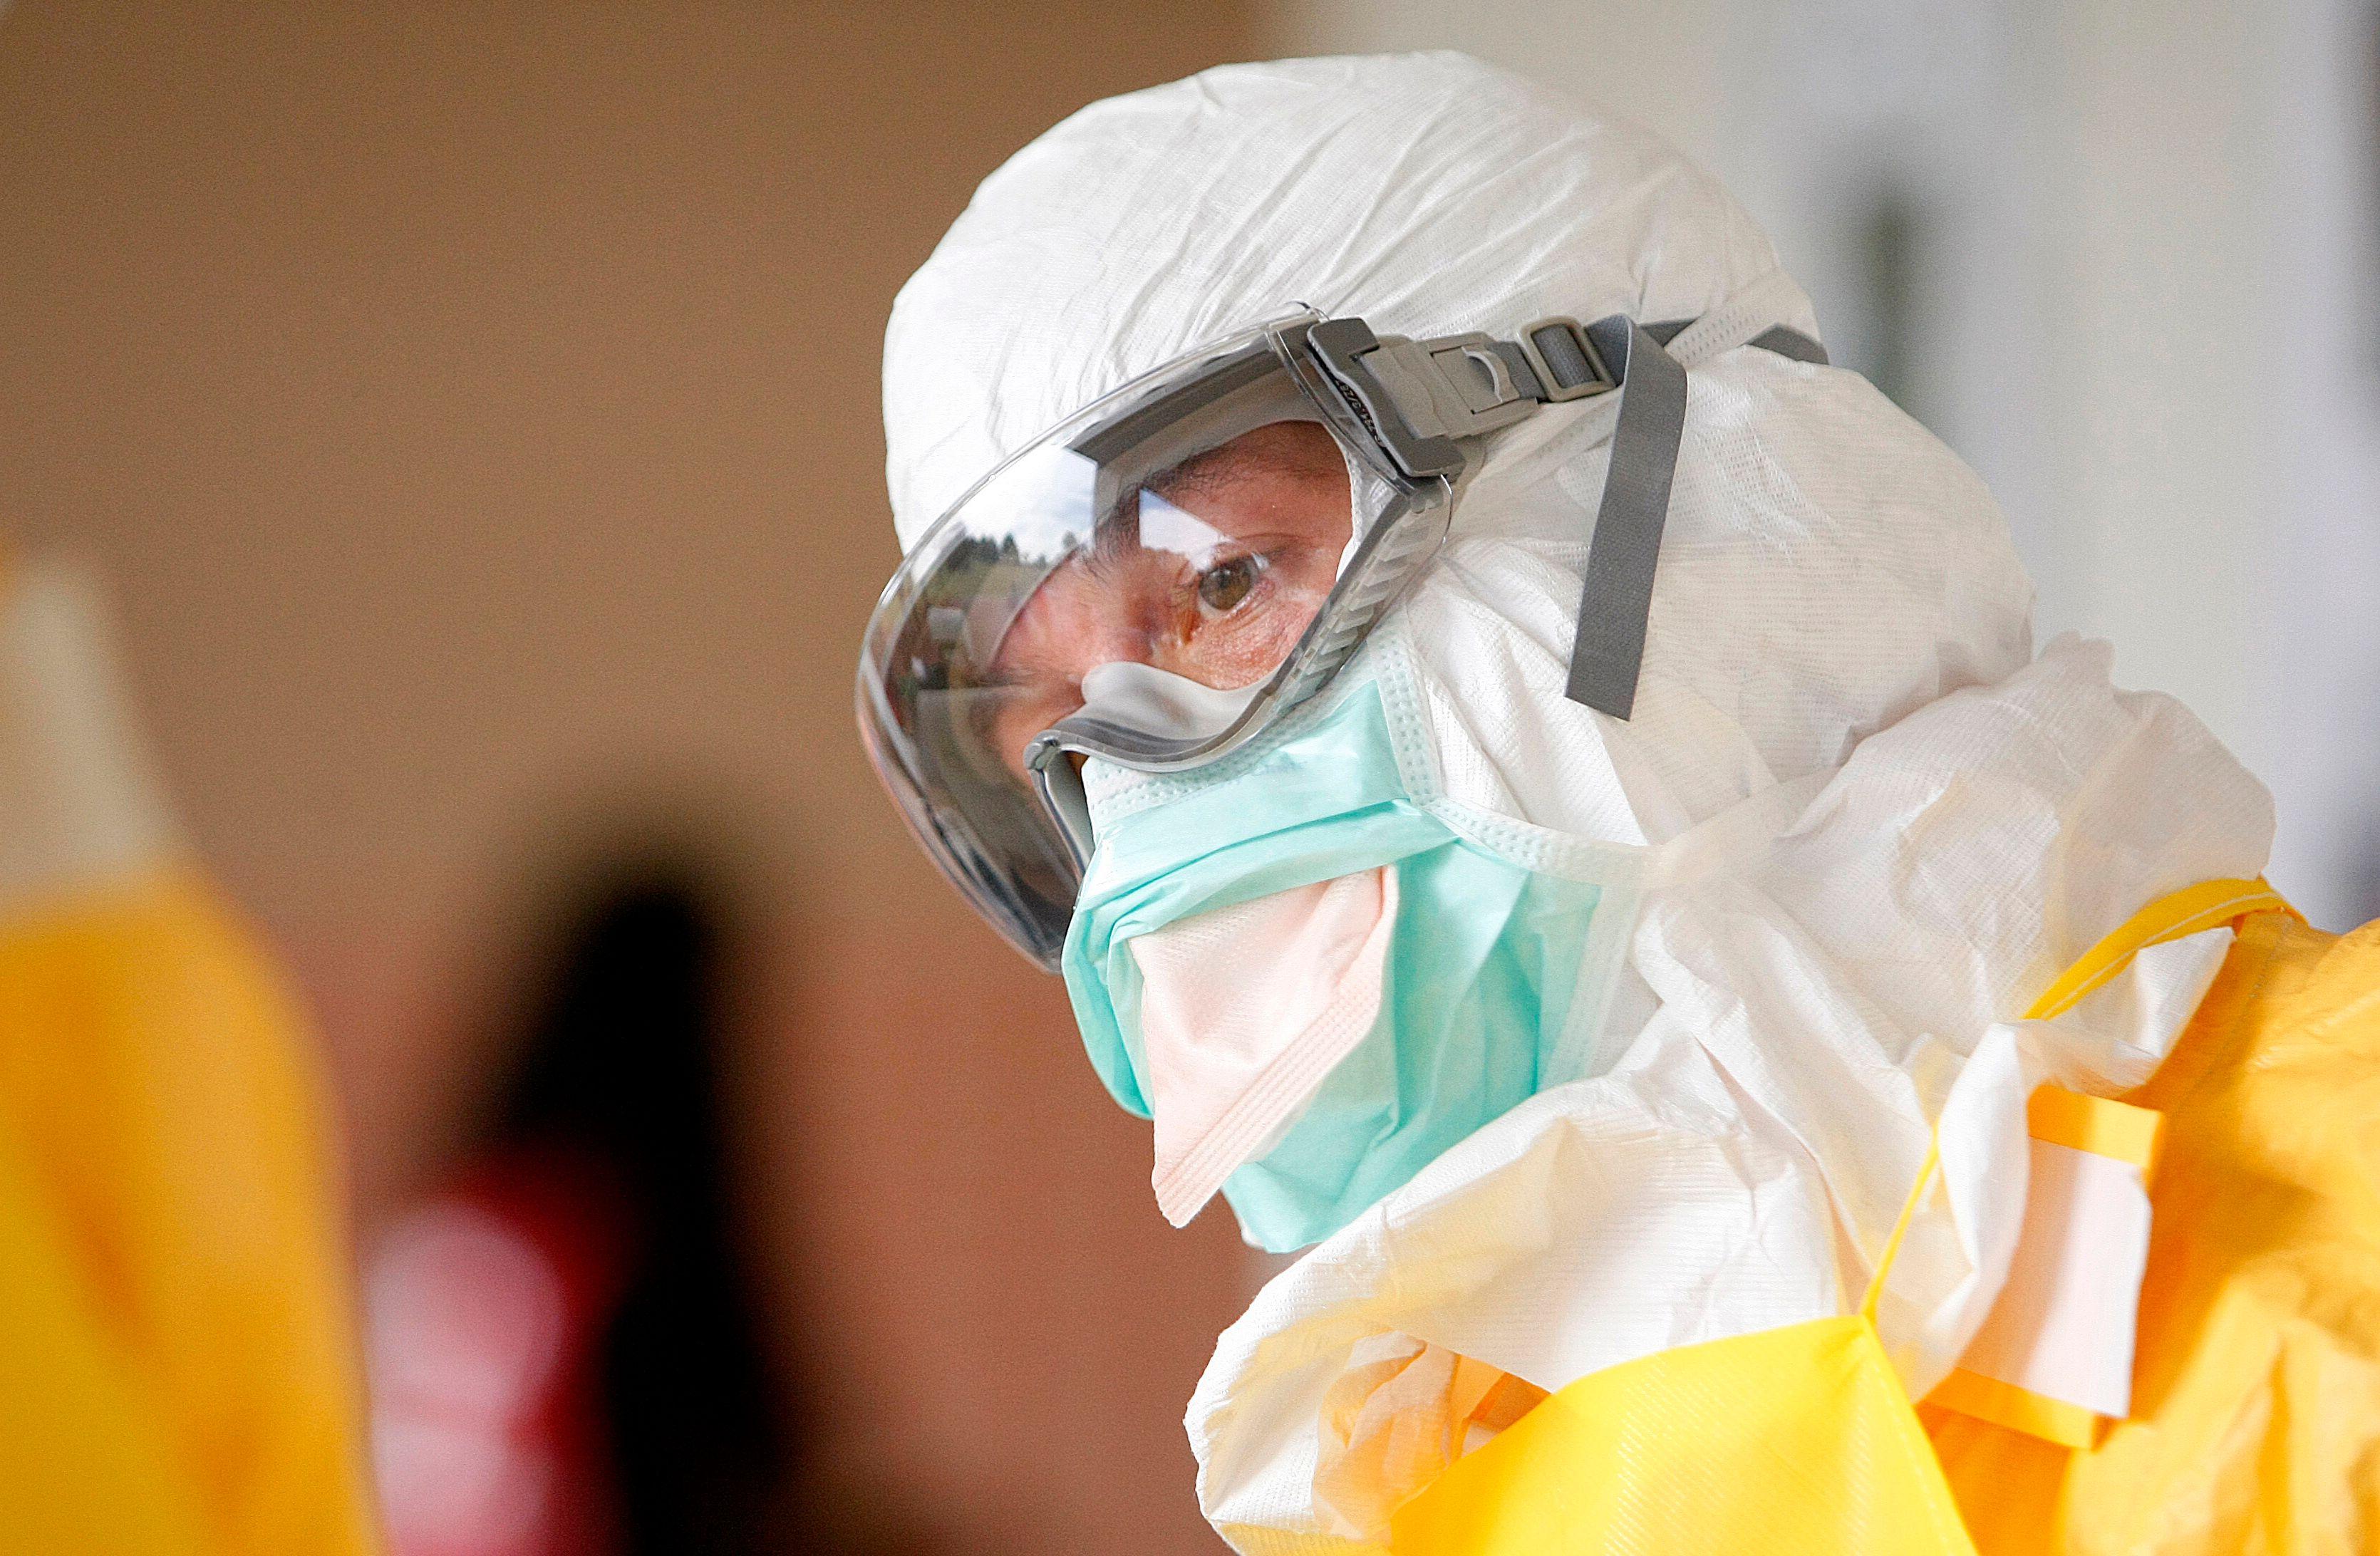 Un nouveau cas d'Ebola diagnostiqué au Royaume-Uni